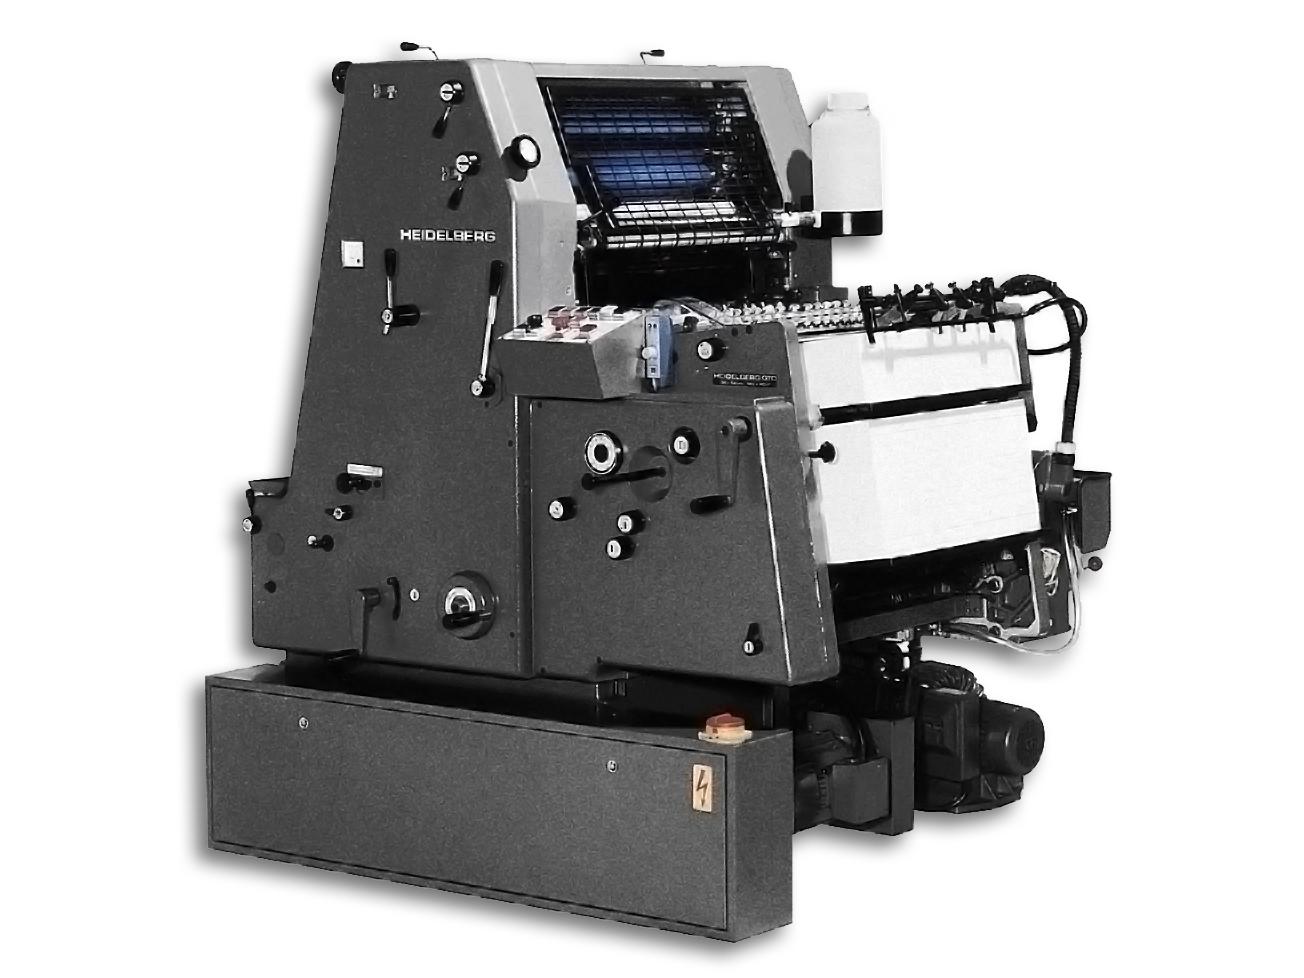 офсетова печатна машина GTO 52, HEIDELBERG